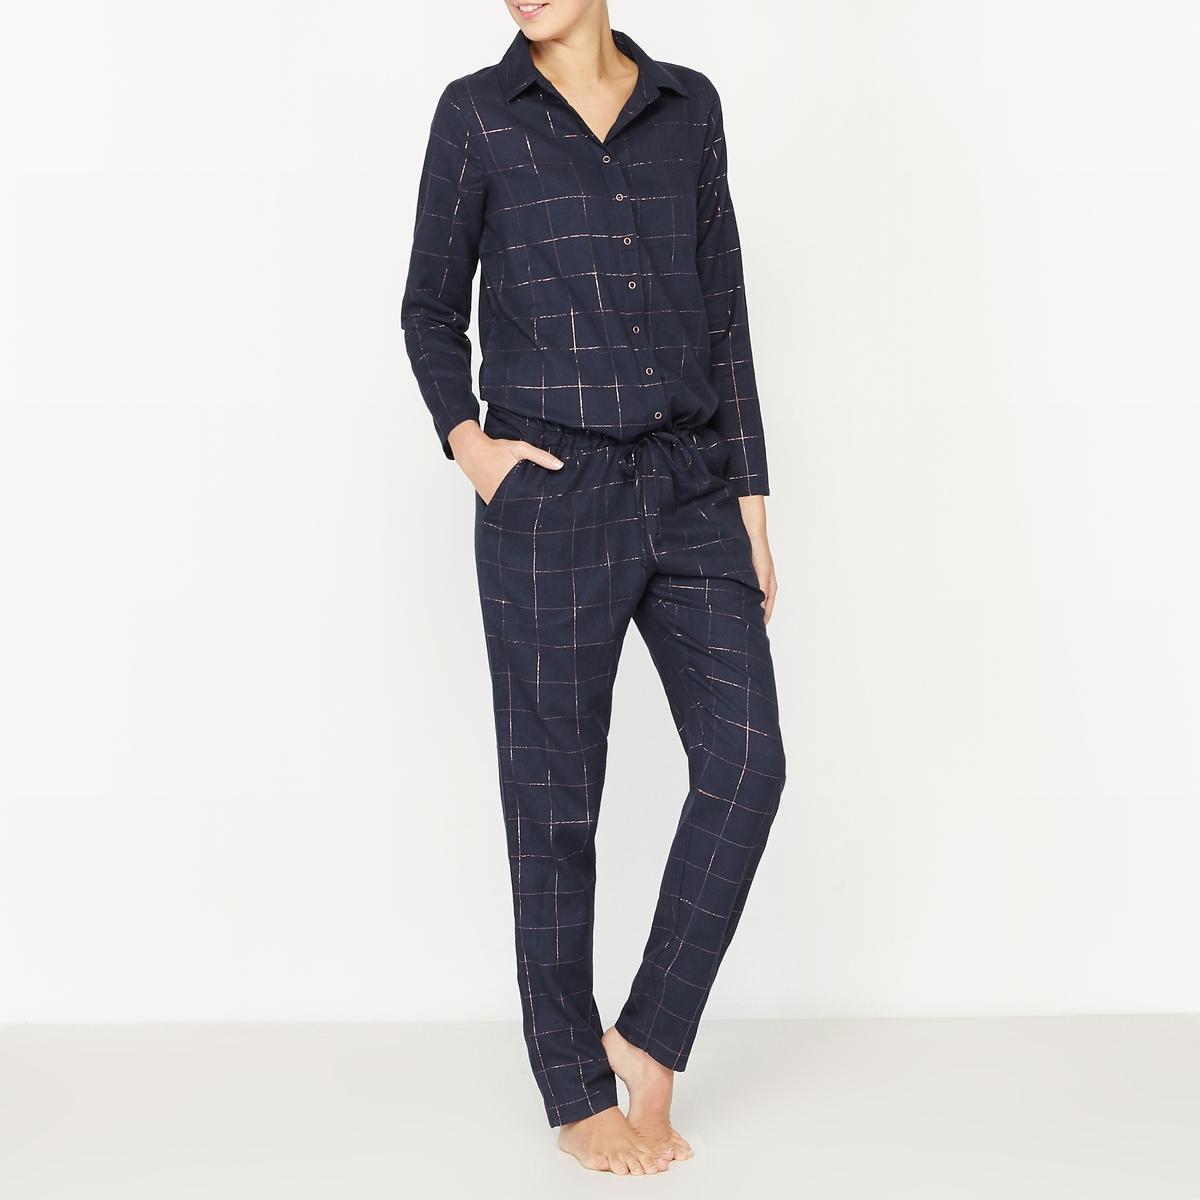 Пижама-комбинезон из хлопка в клетку с металлизированной нитью